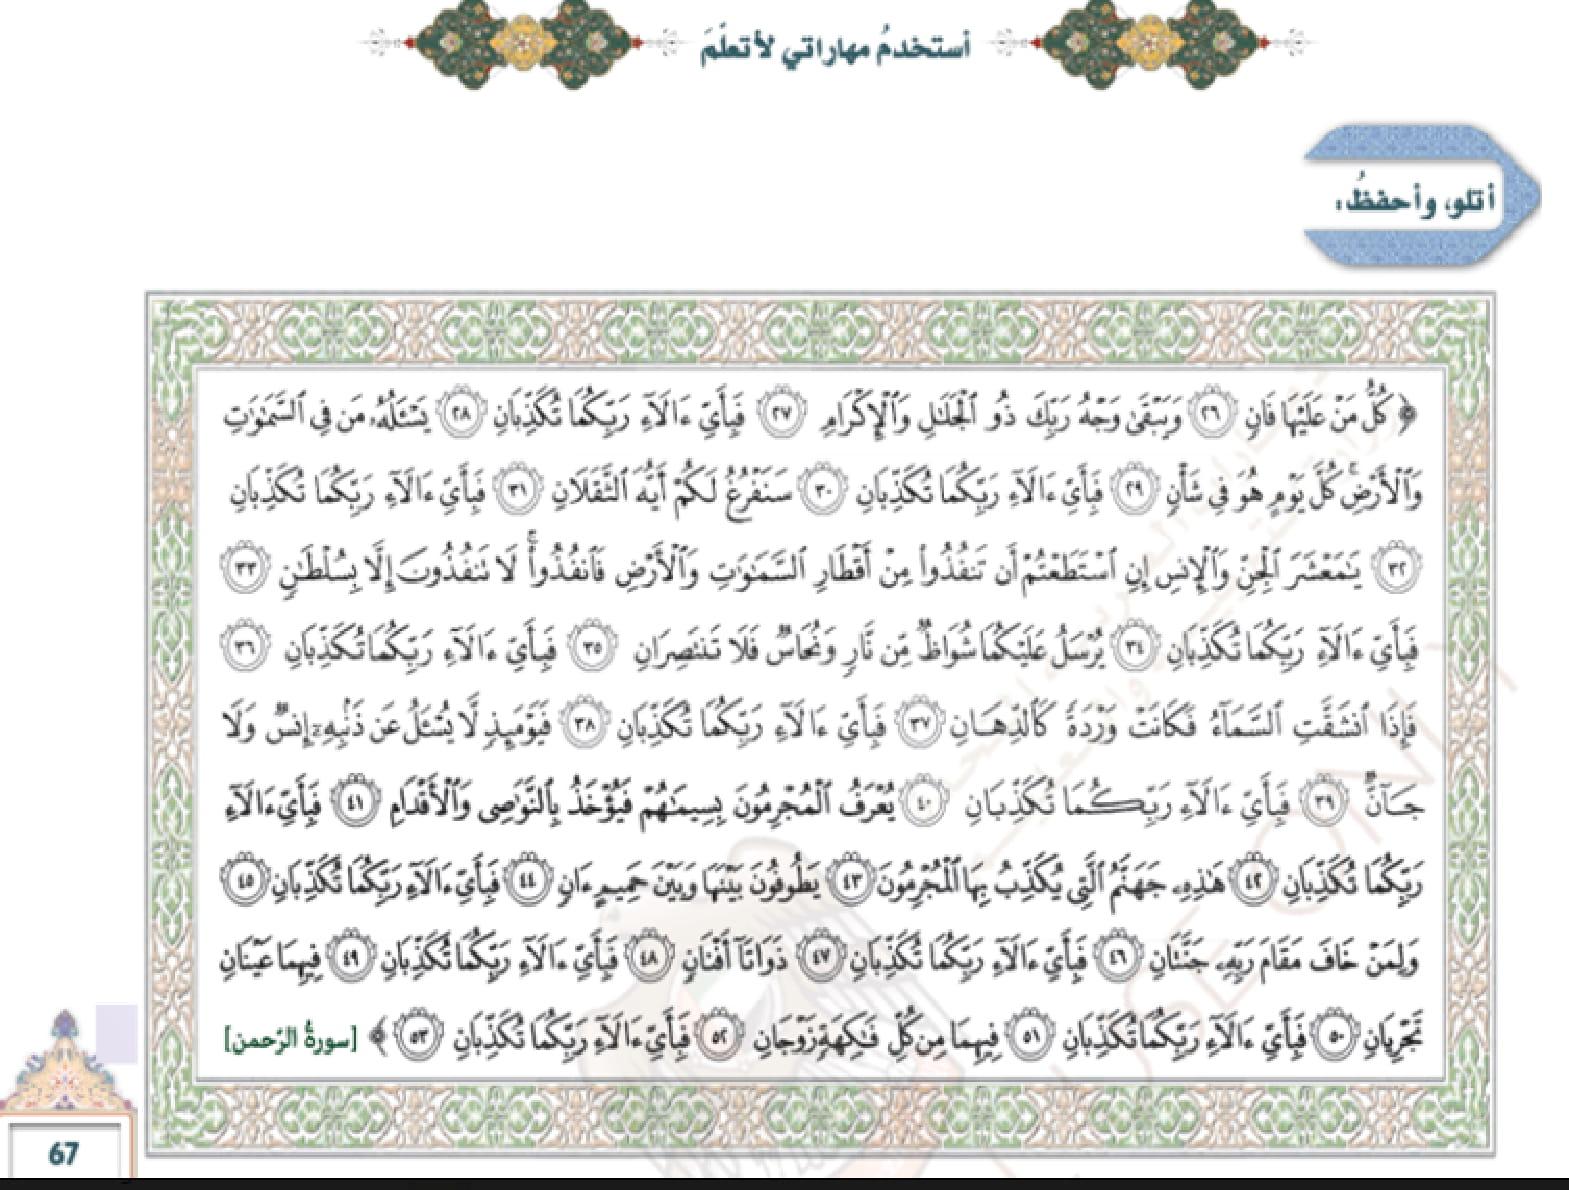 درس نعيم الحياة مع الاجابات تربية إسلامية